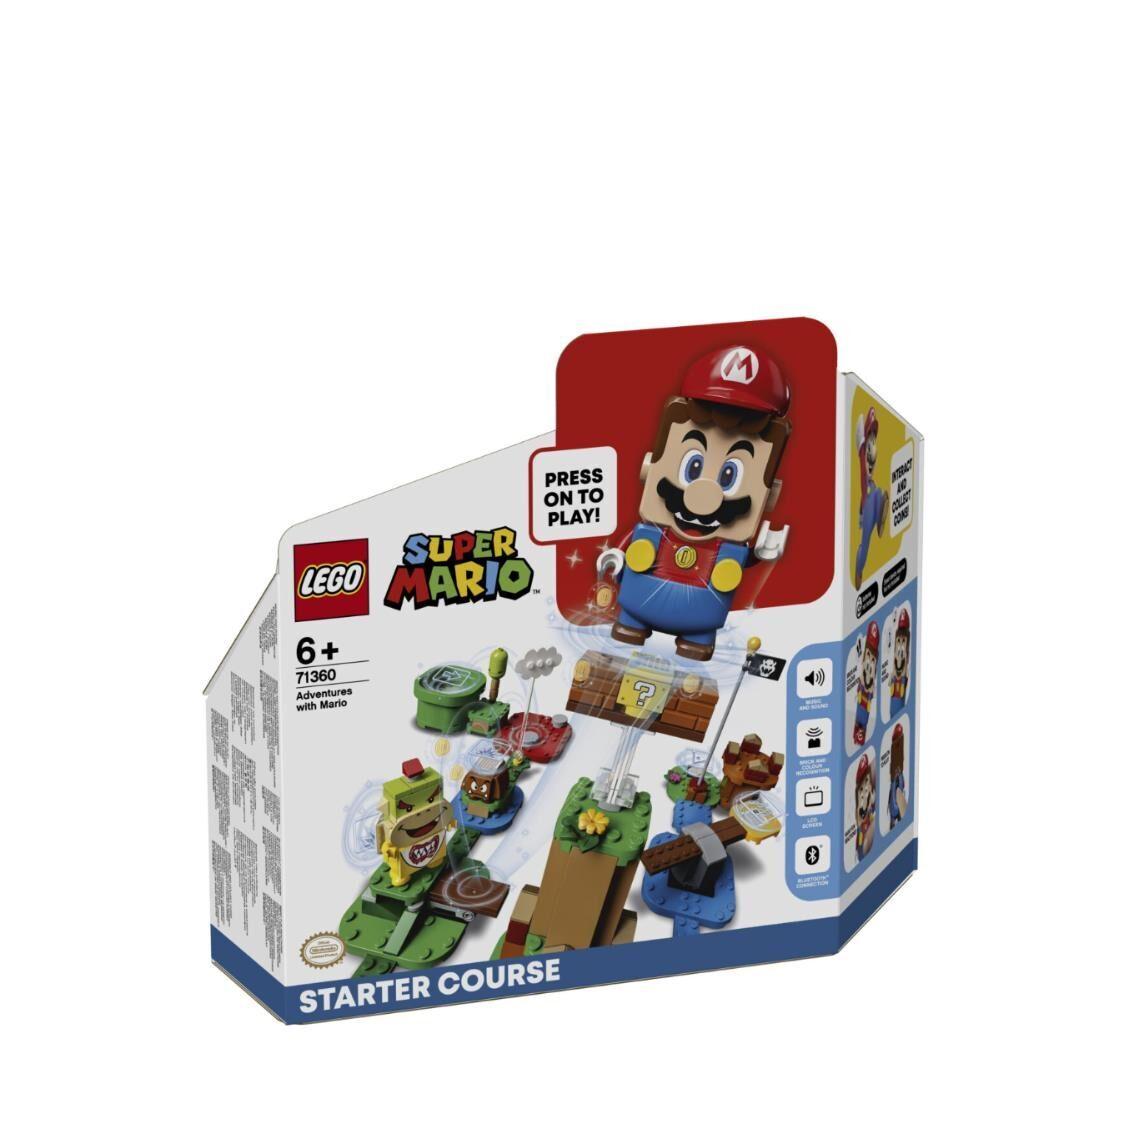 LEGO Adventures With Mario Starter Course 71360